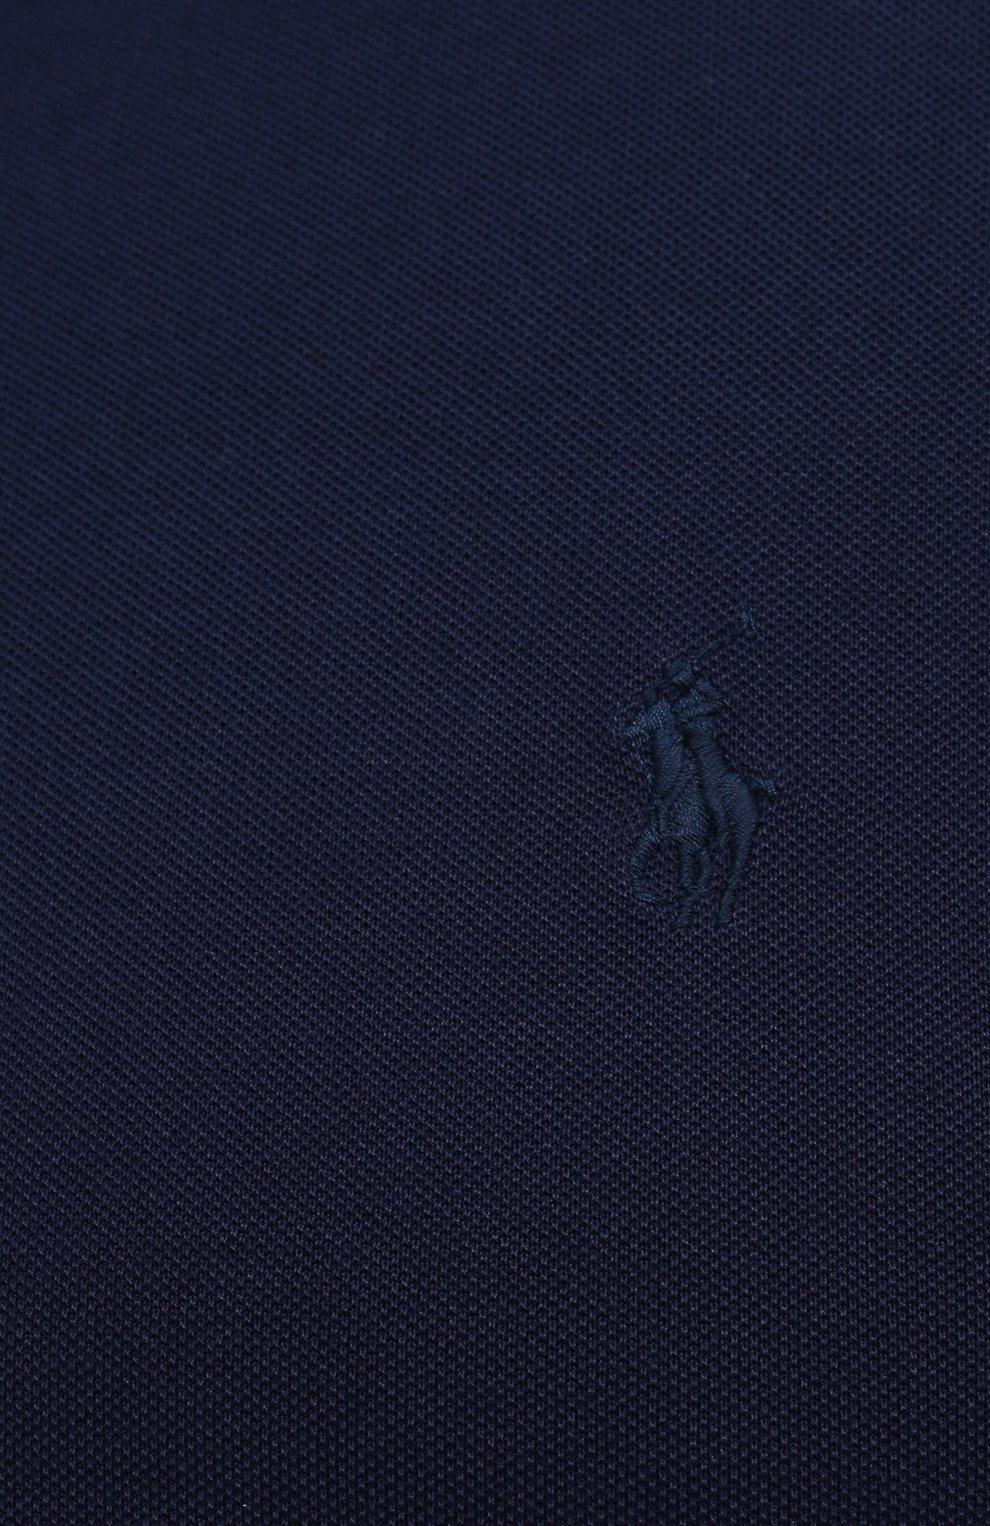 Мужское хлопковое поло POLO RALPH LAUREN темно-синего цвета, арт. 711842622/PRL BS | Фото 5 (Застежка: Молния; Рукава: Короткие; Длина (для топов): Удлиненные; Материал внешний: Хлопок; Стили: Кэжуэл)